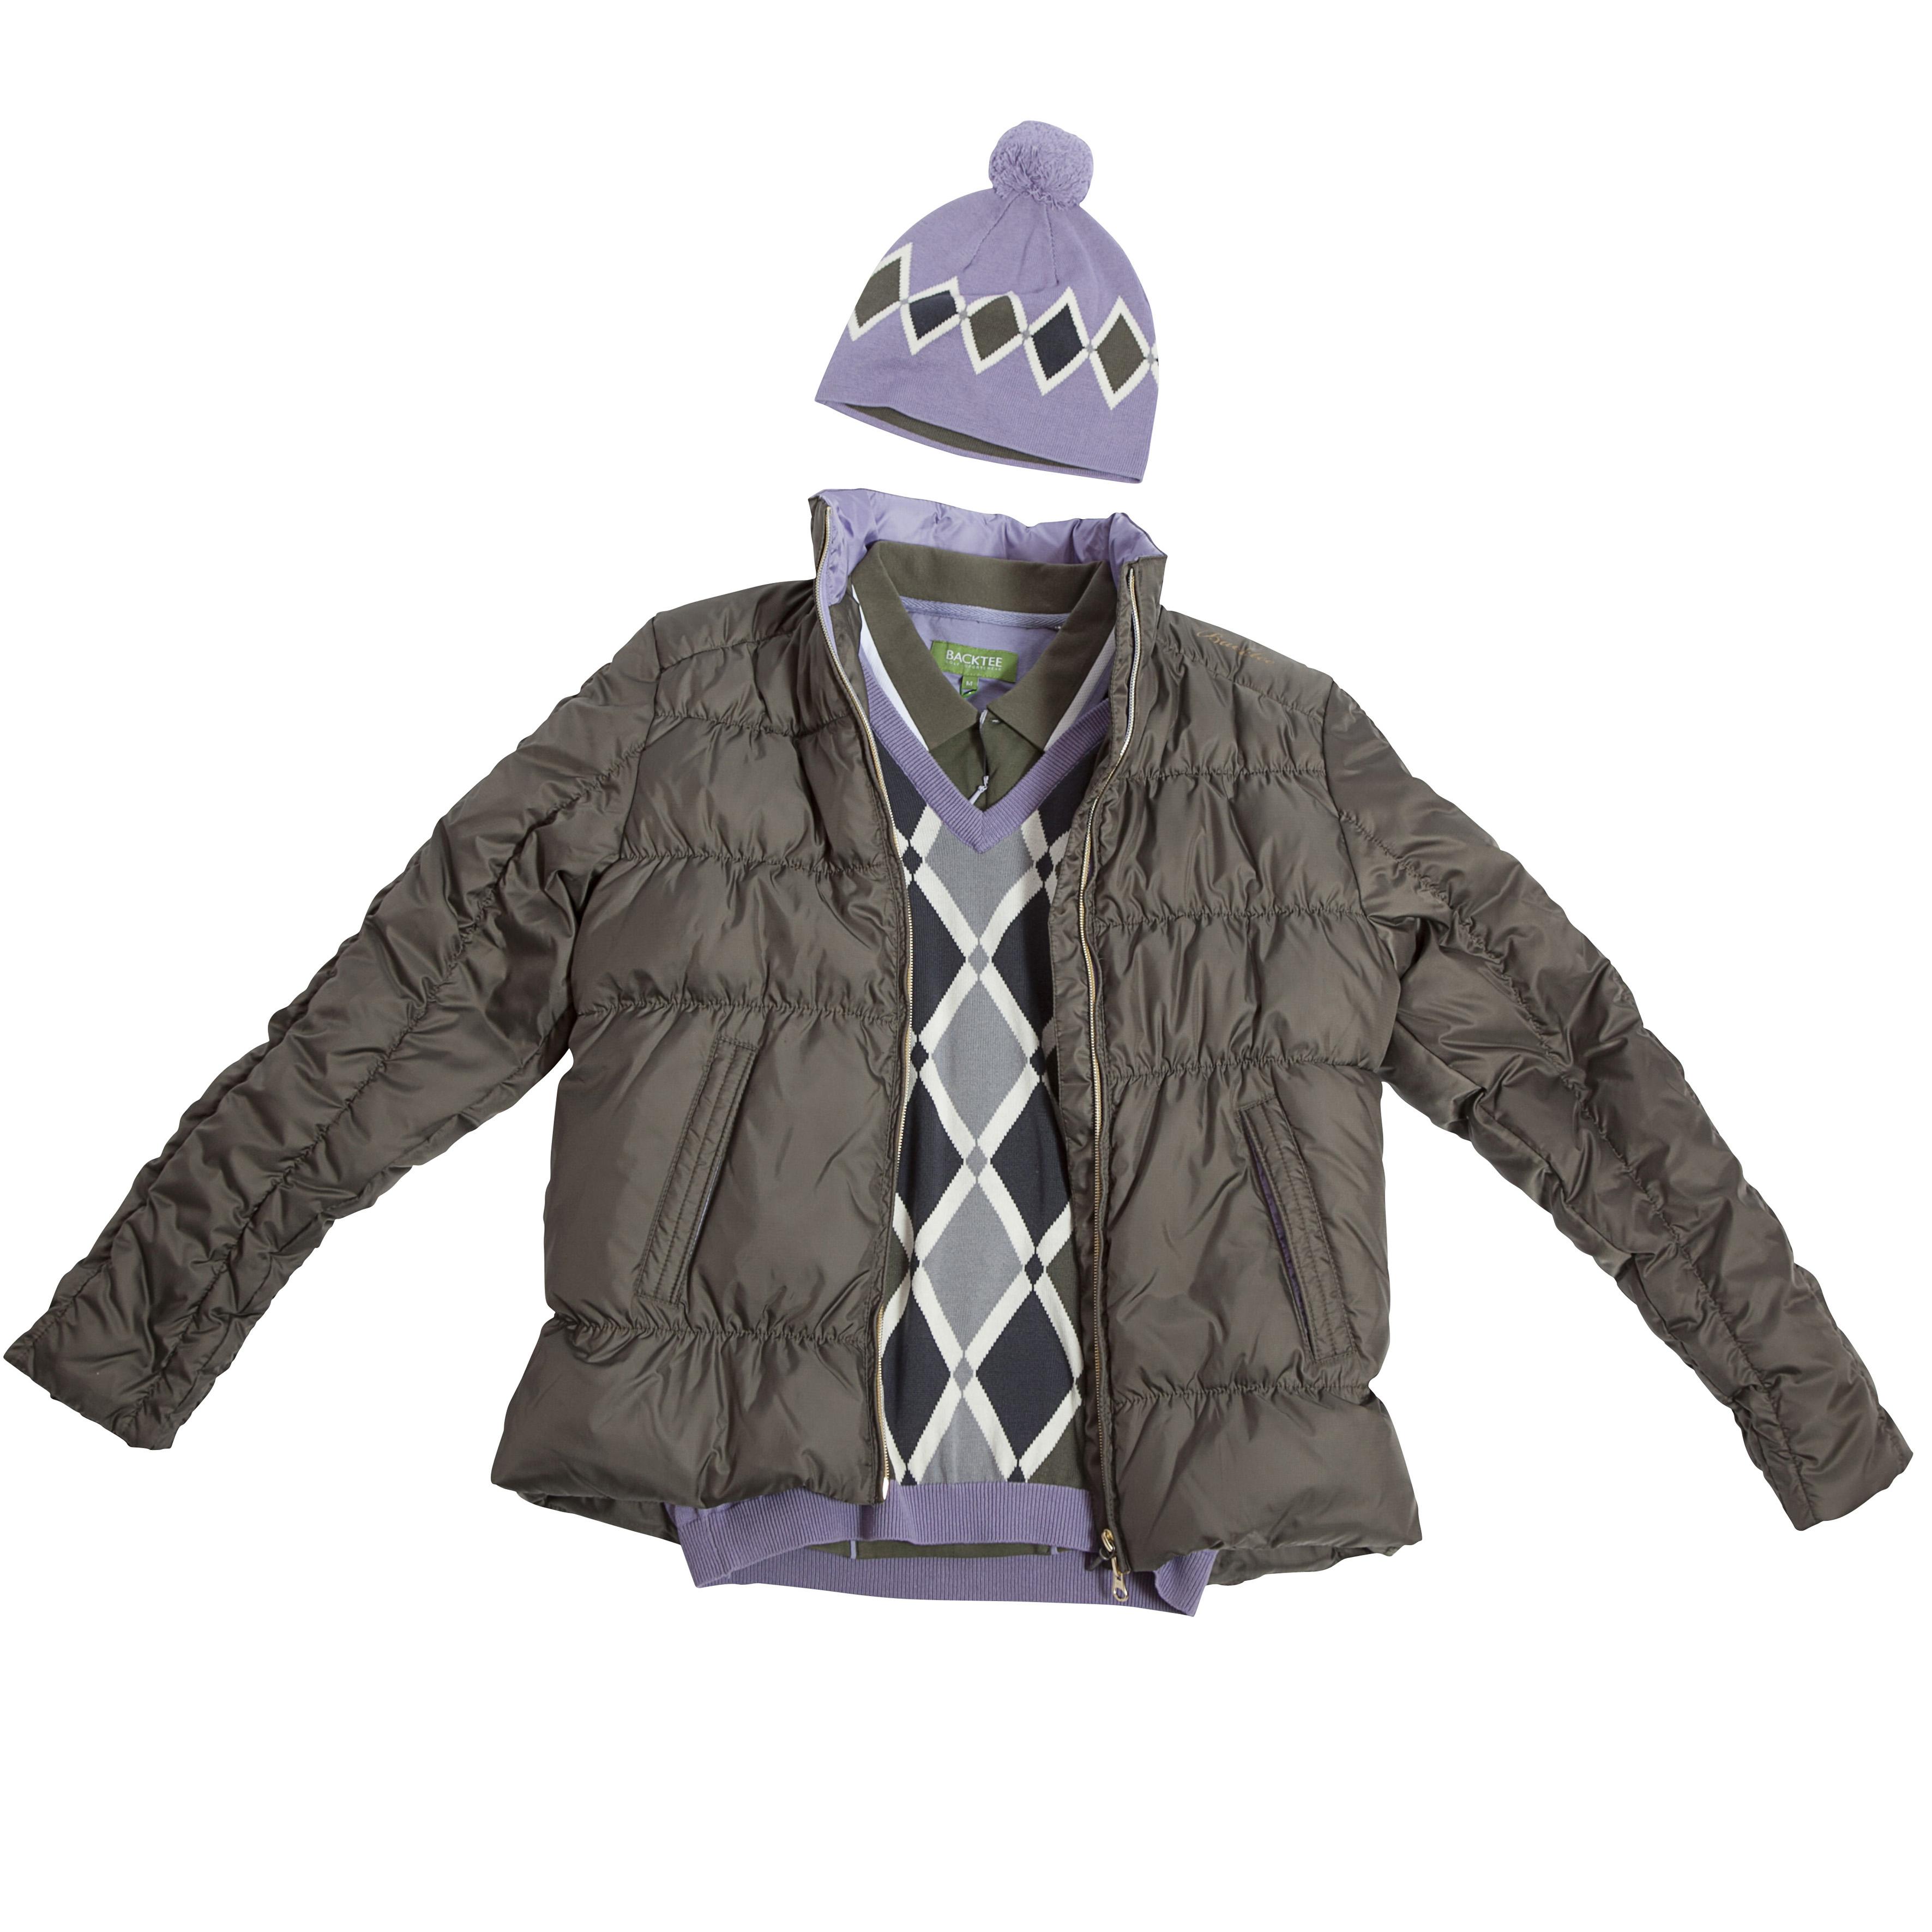 BackTee dámská péřová golfová bunda - olivová Velikost: XL